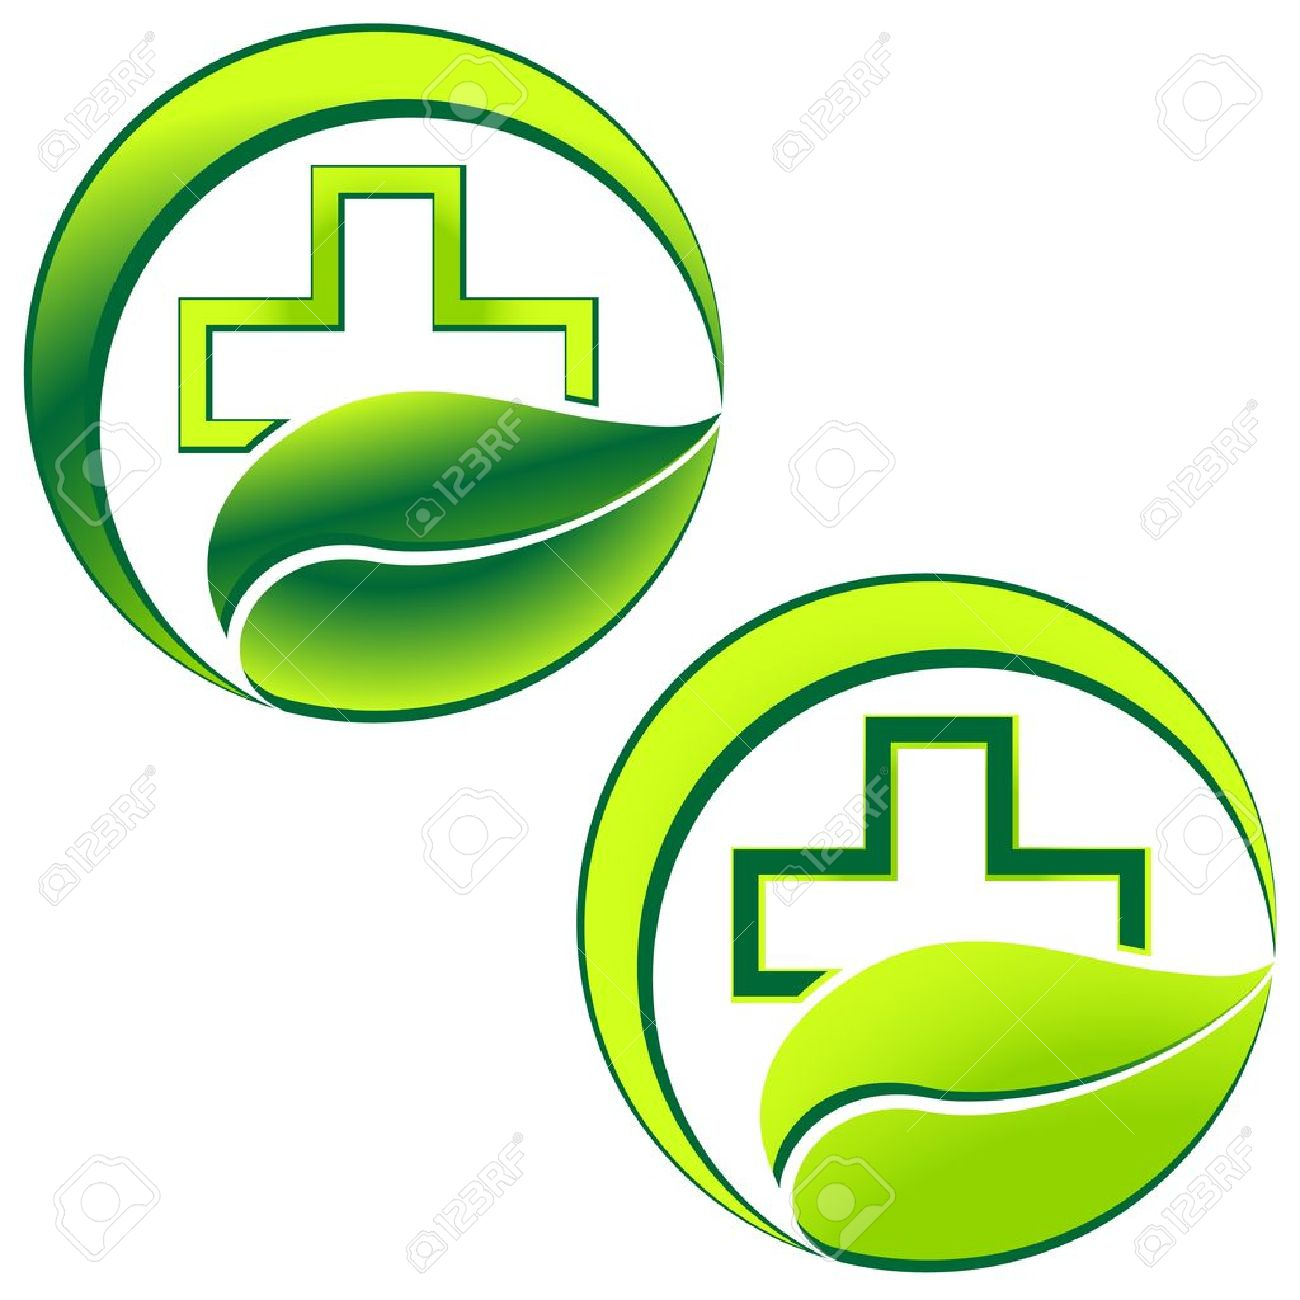 pharmacy sign - 21077625